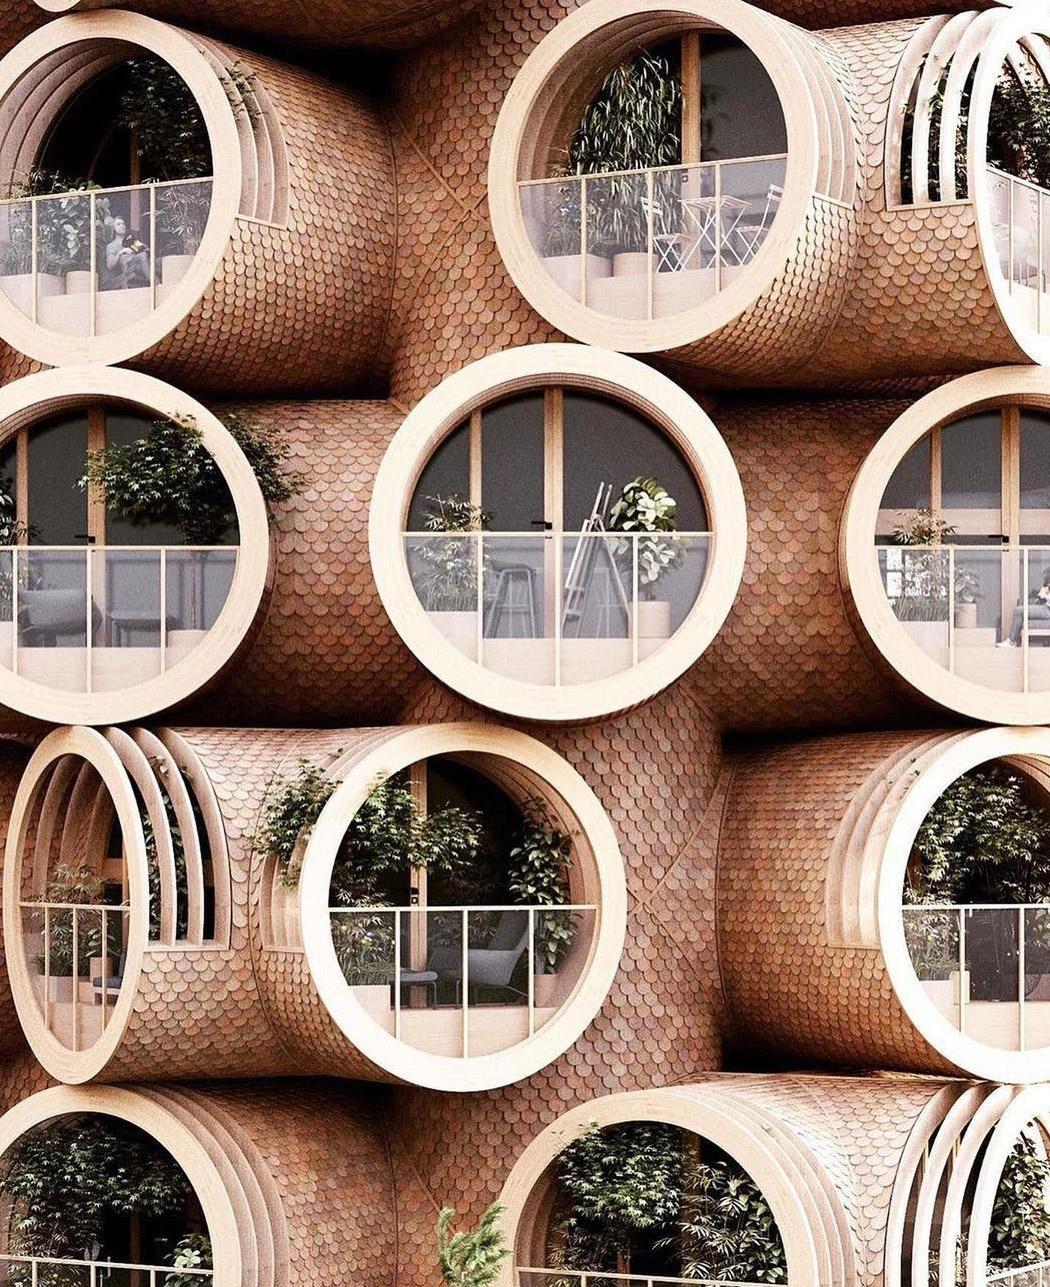 Архитектурные проекты, ориентированные как на человека, так и на природу: Часть 5